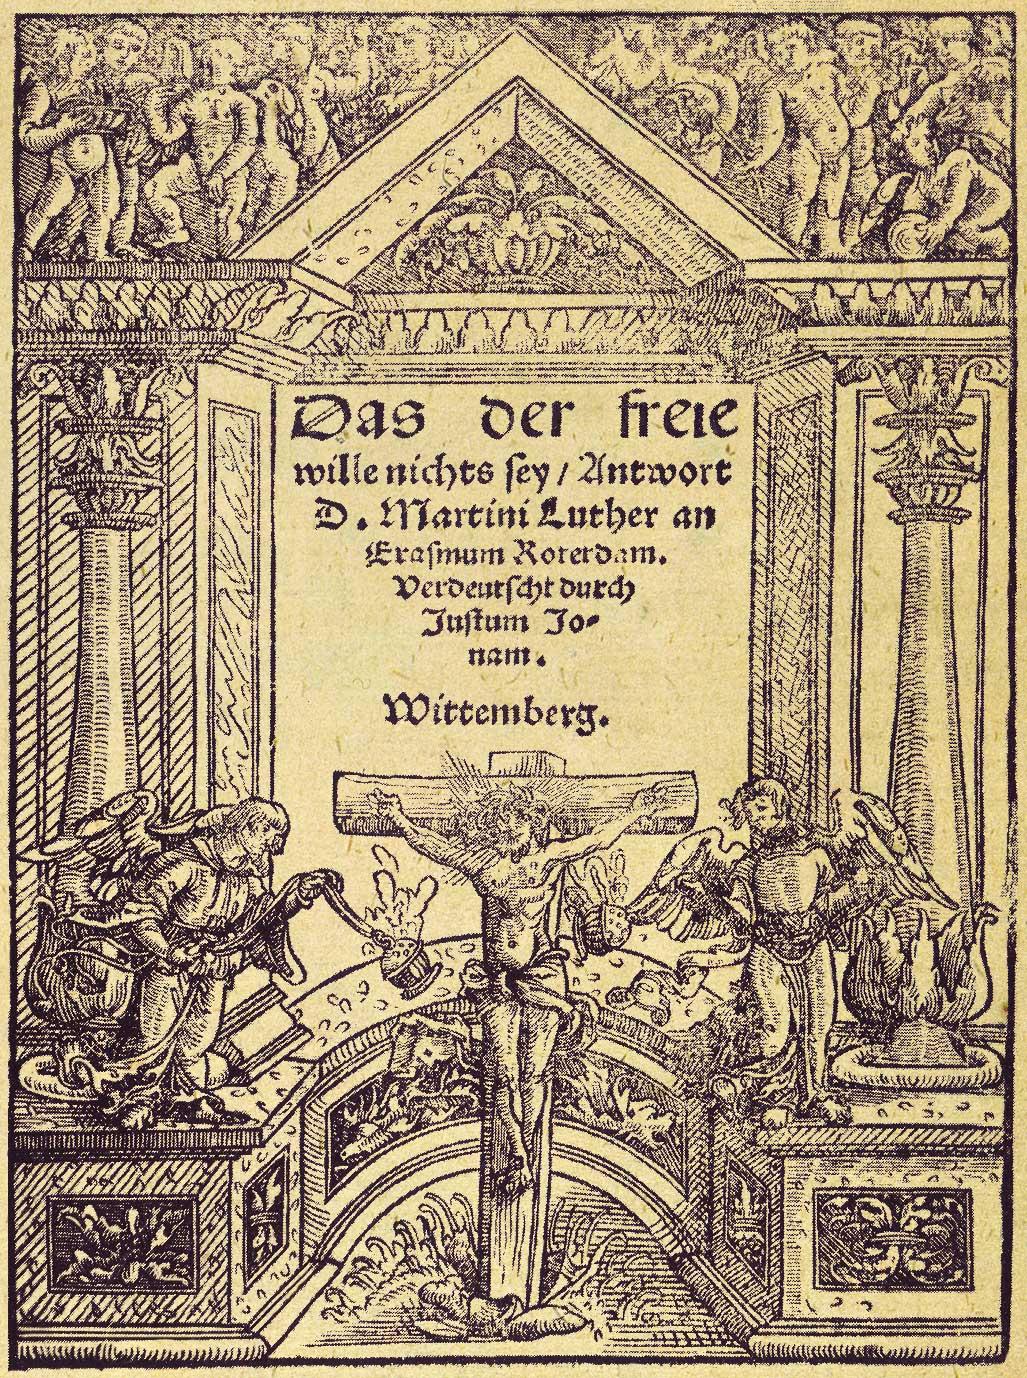 File:Das-der-freie-Wille-1526.jpg